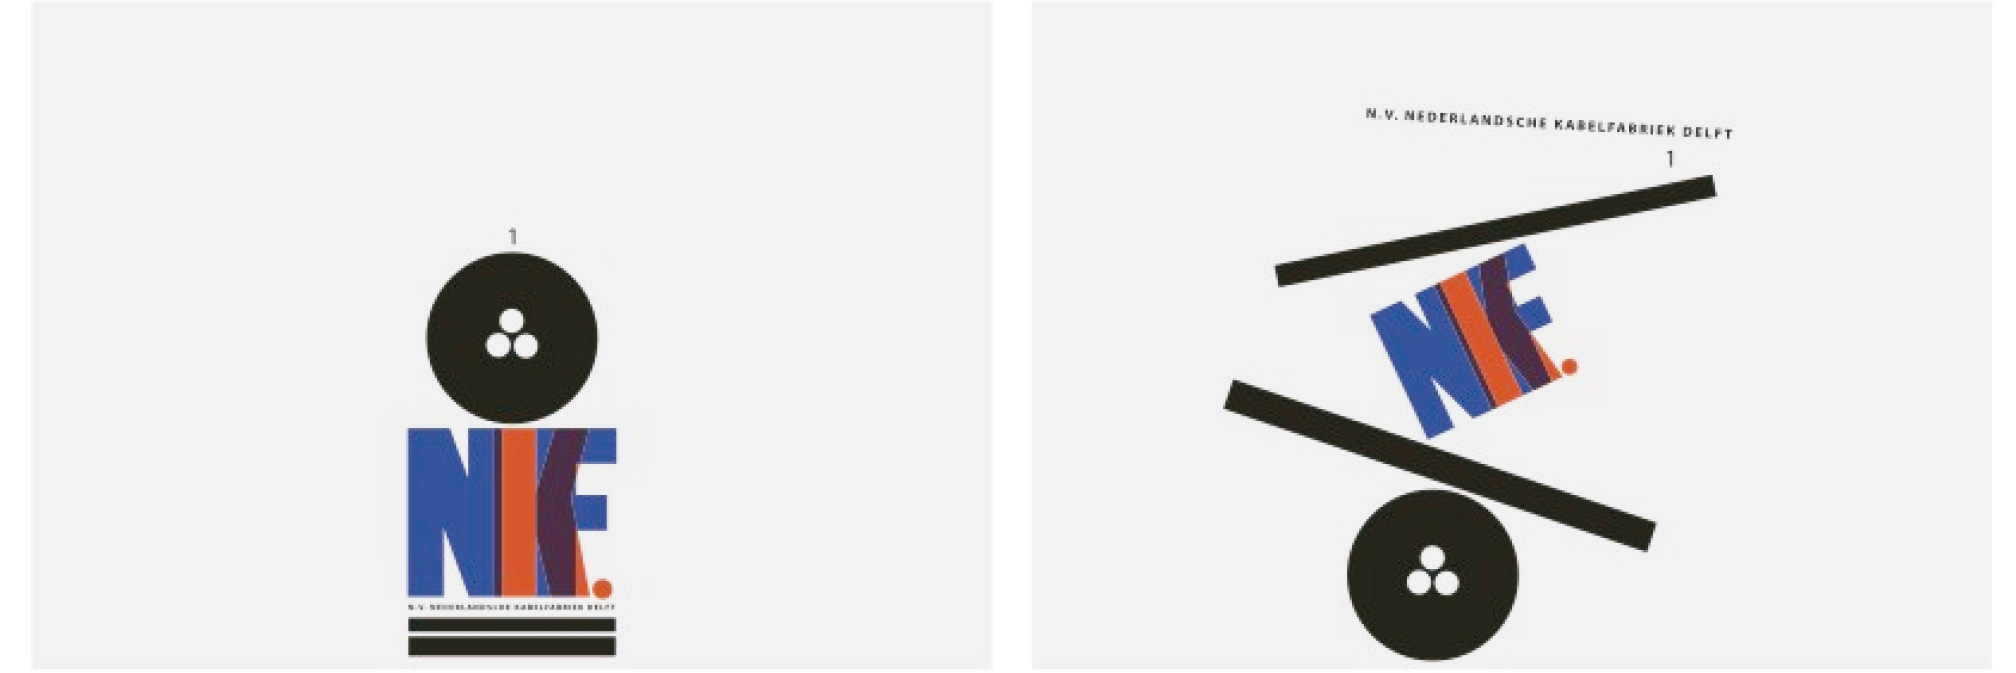 Técnicas de comunicación visual | Equilibrio - Inestabilidad